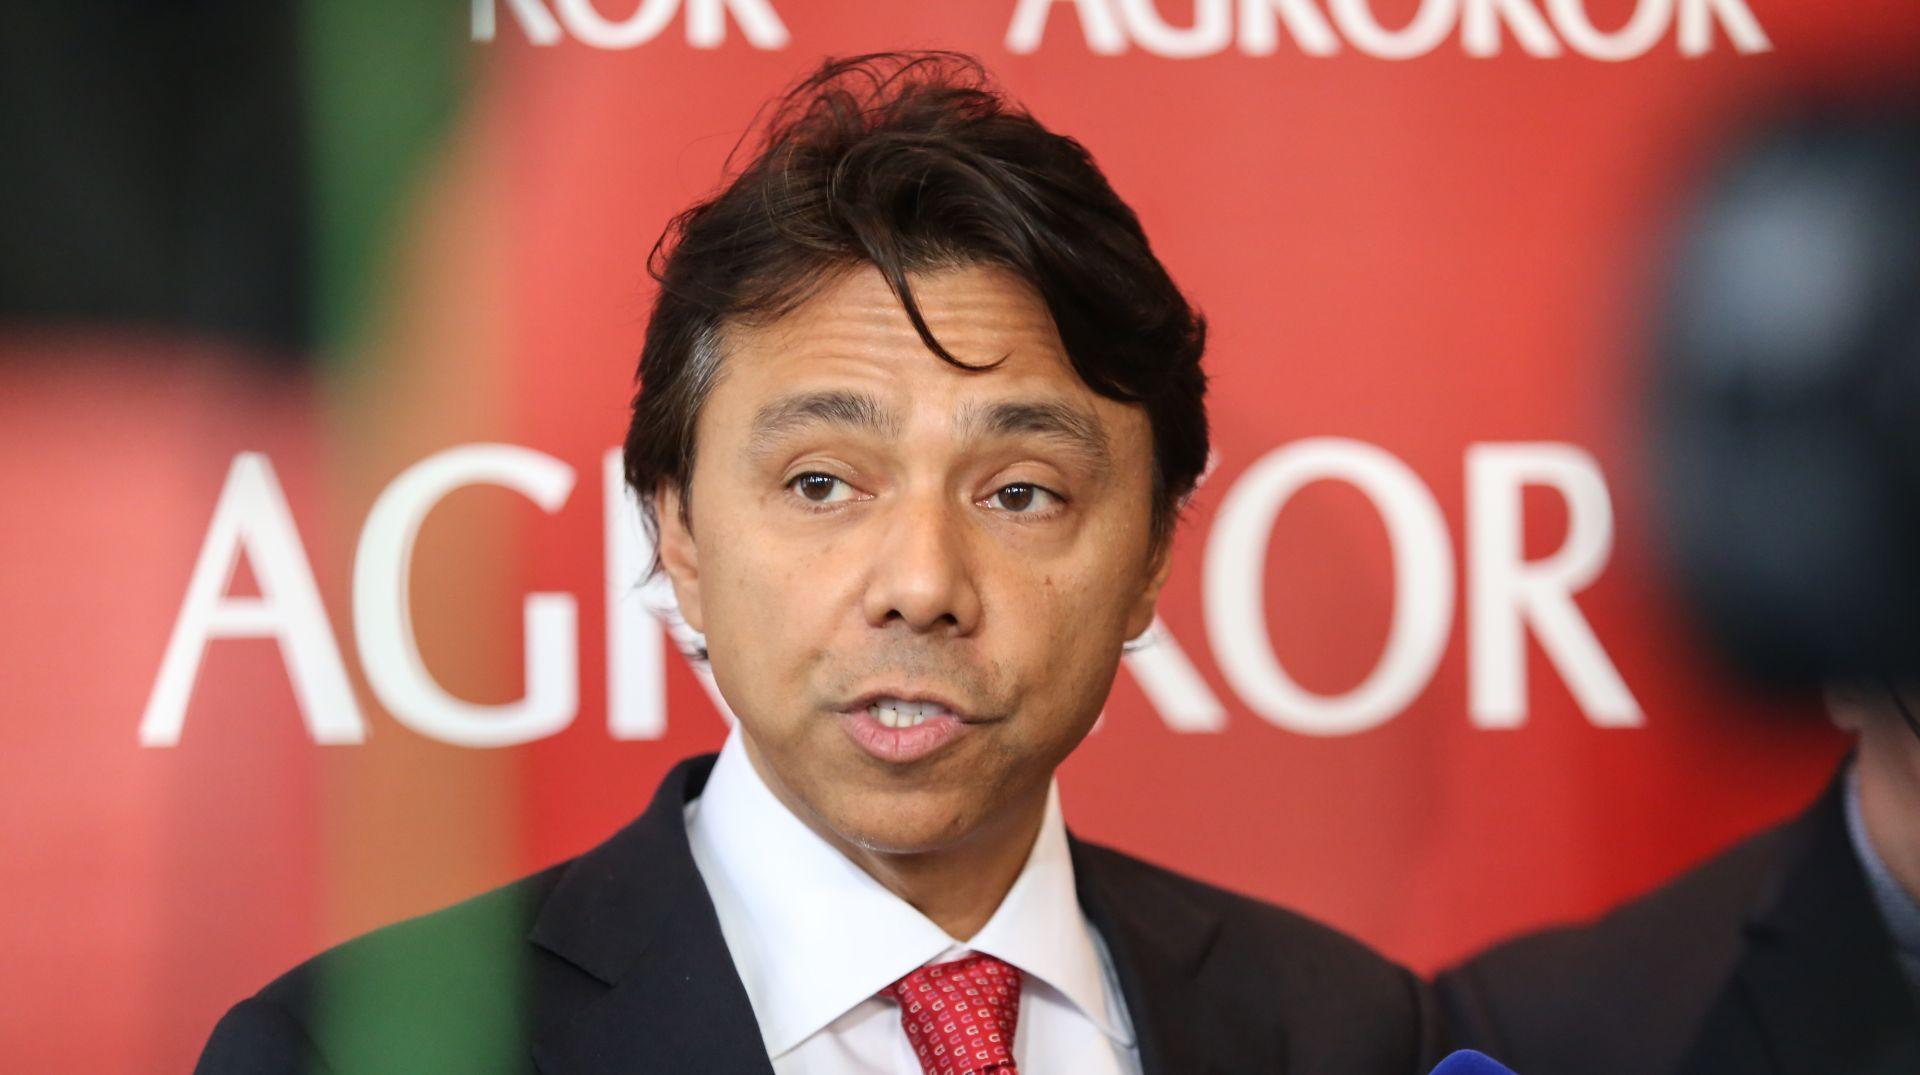 PRIJAVLJENI ALVAREZ I AGROKOR Direktor za restrukturiranje nema radnu dozvolu?